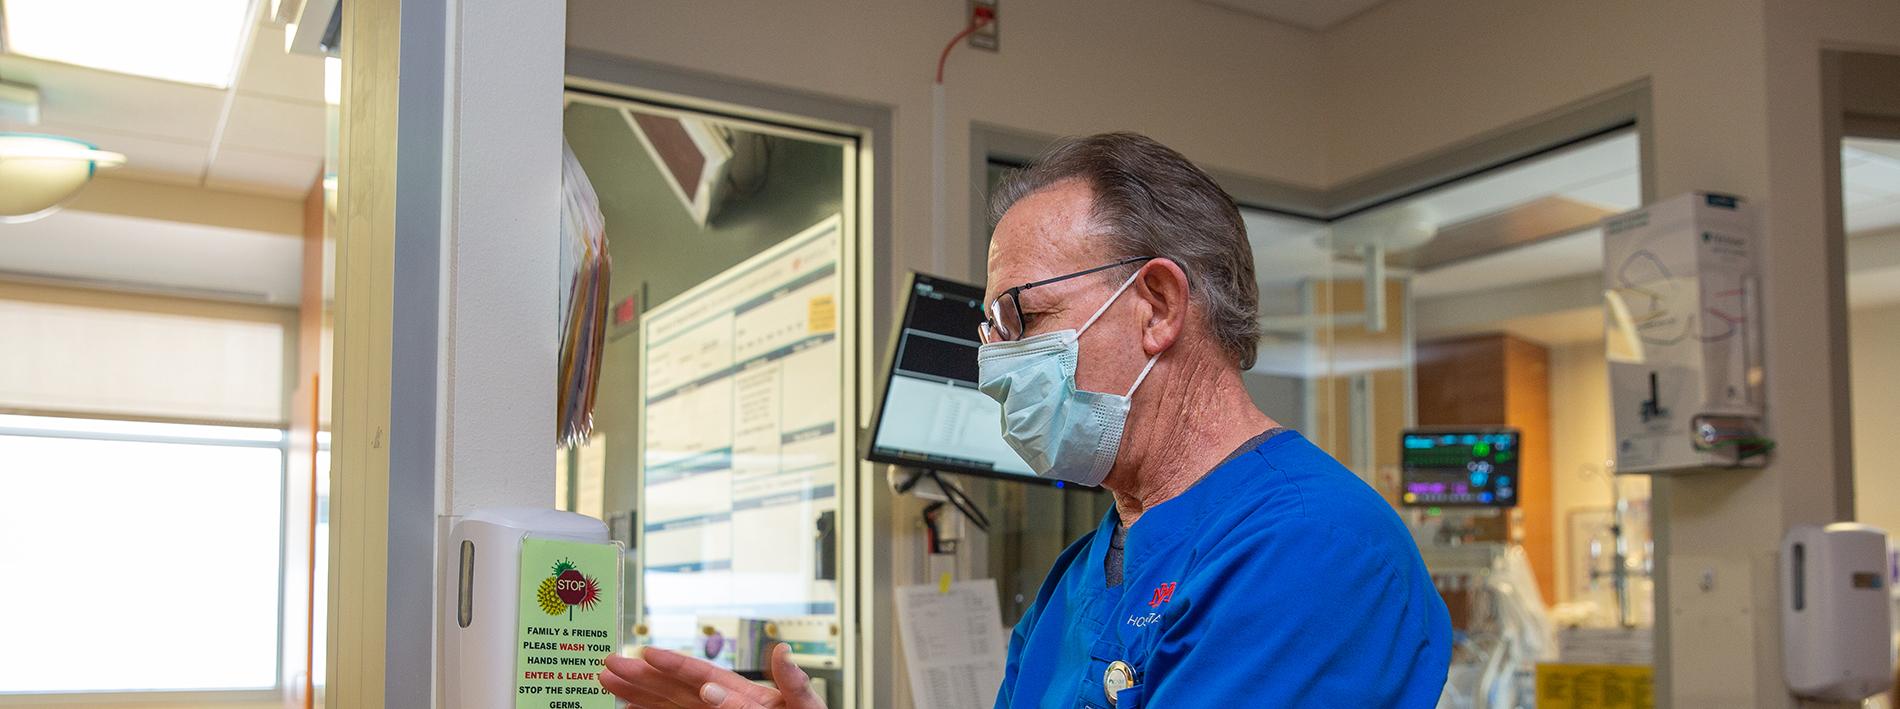 Un doctor con mascarilla